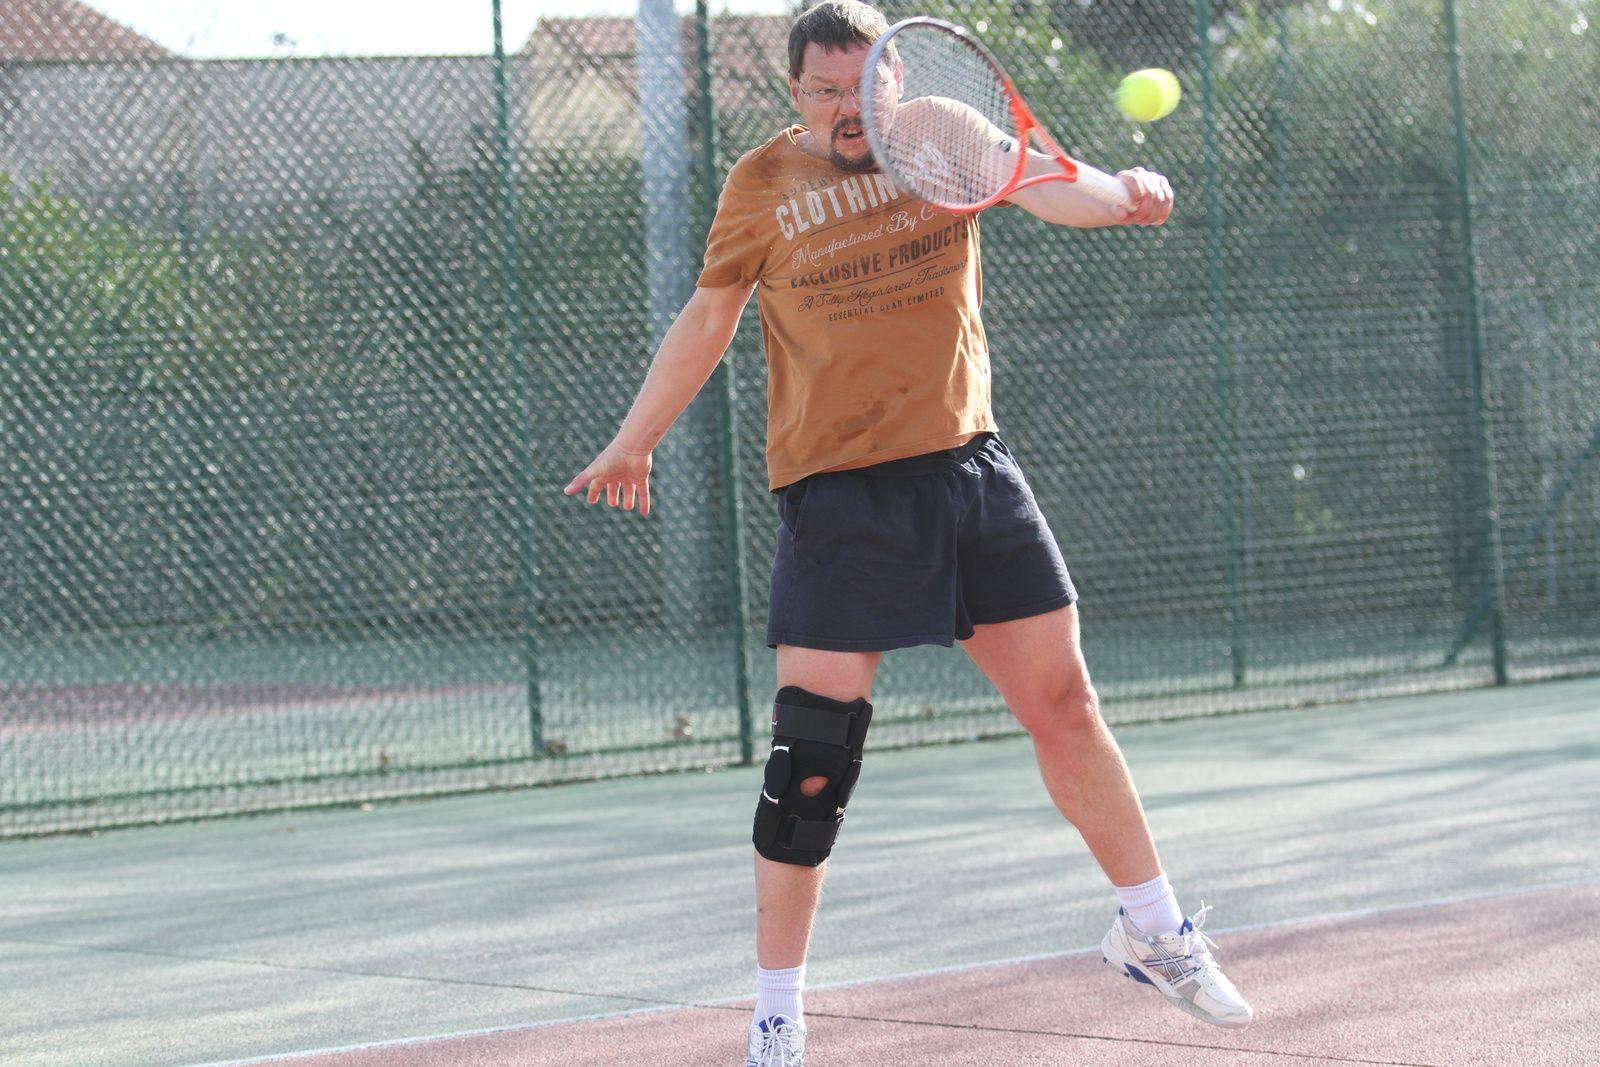 Le 25e Open du Moulin à Vent Tennis s'est conclu ce dimanche